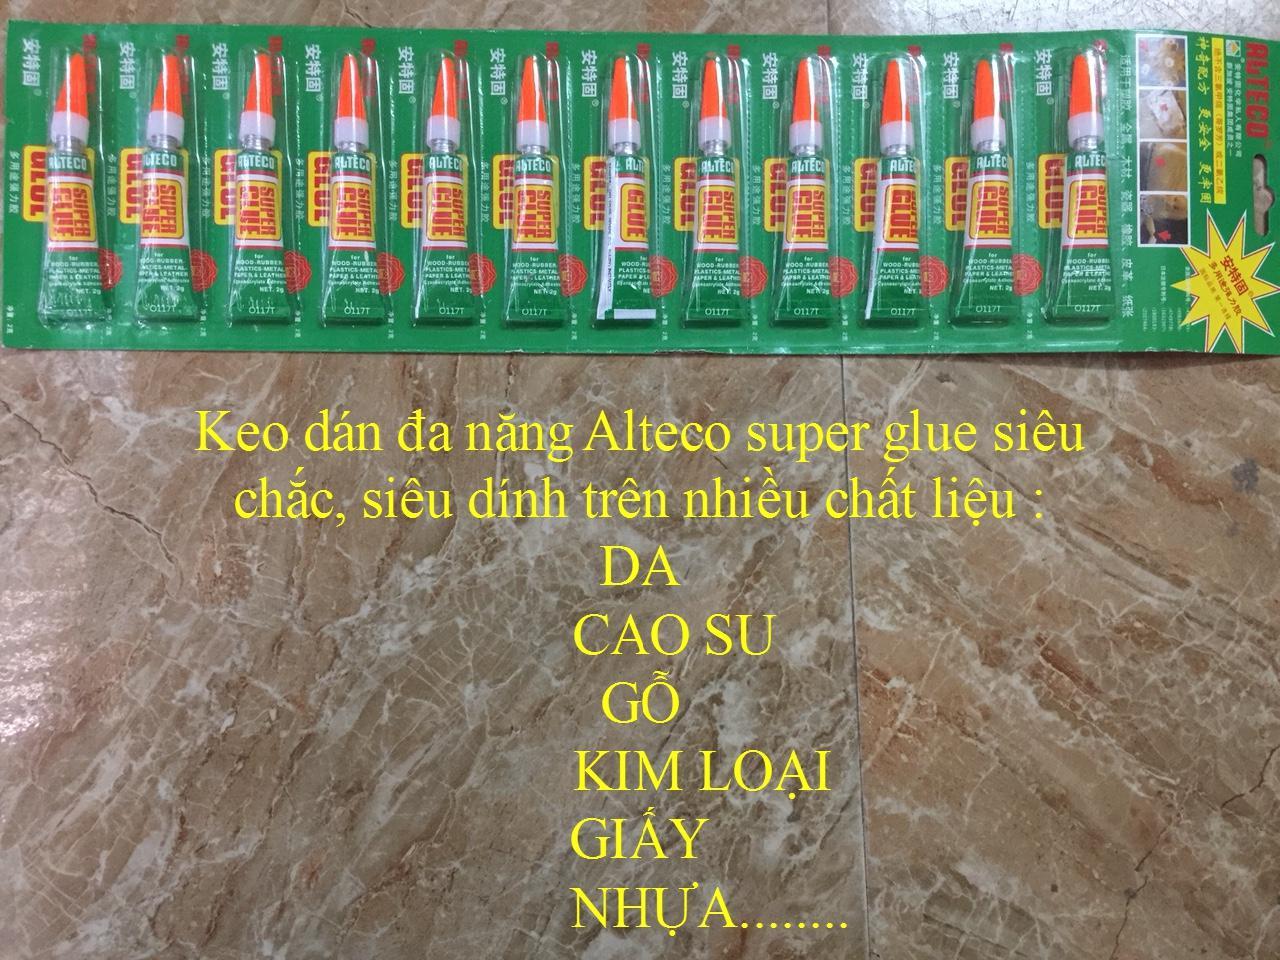 Mua Vỉ 12 tuýp keo dán đa năng Alteco siêu dính